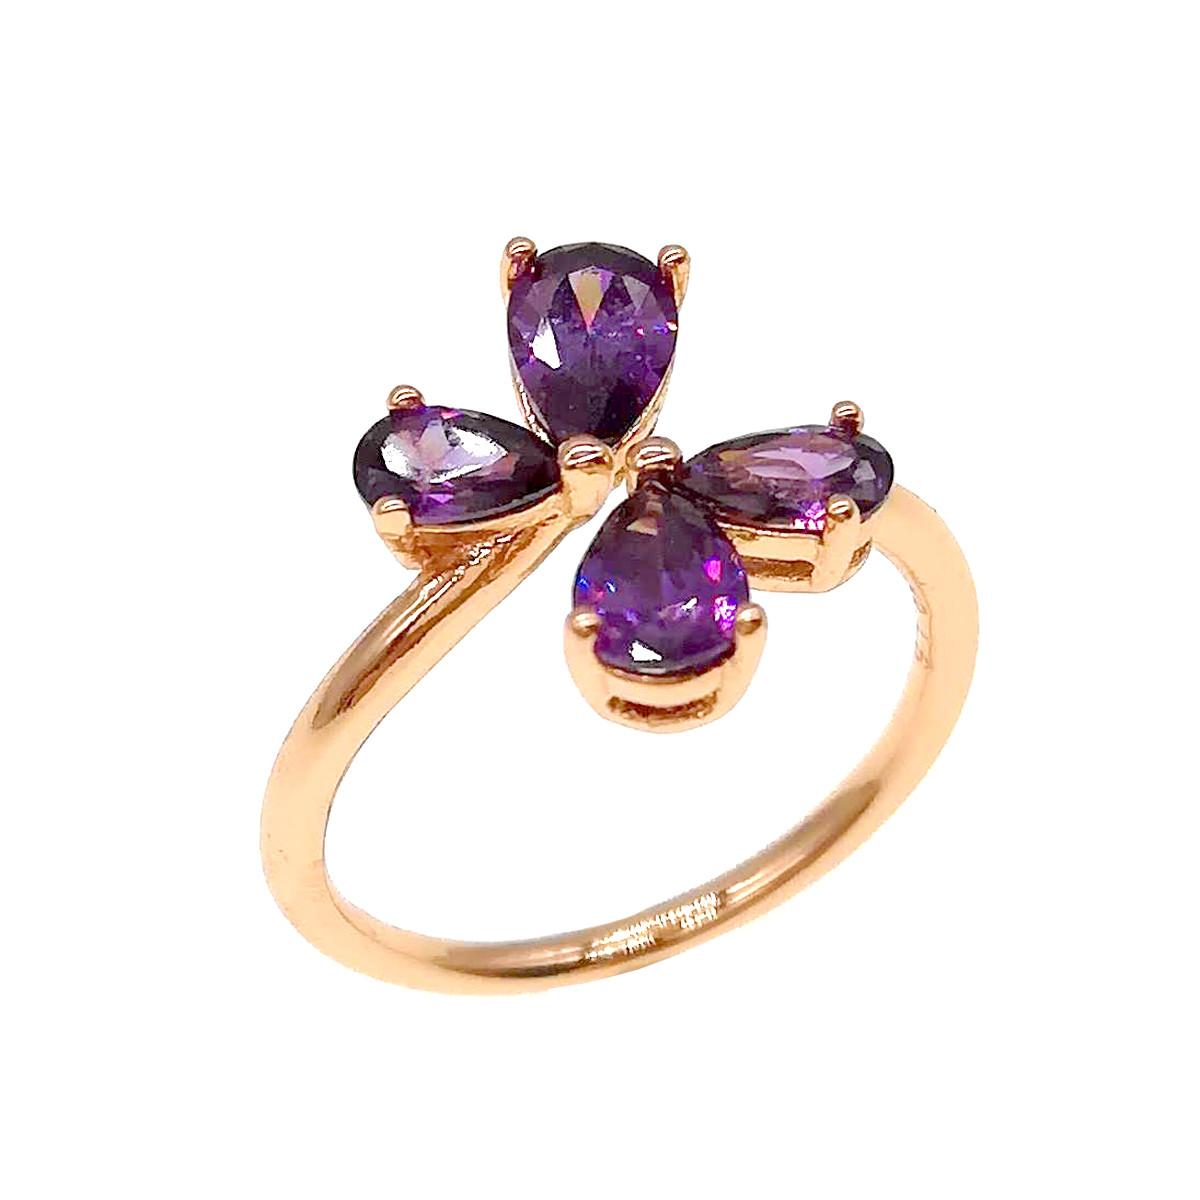 Кольцо Xuping из медицинского золота, фиолетовые фианиты, позолота 18К, 11809       (Безрозмірна)